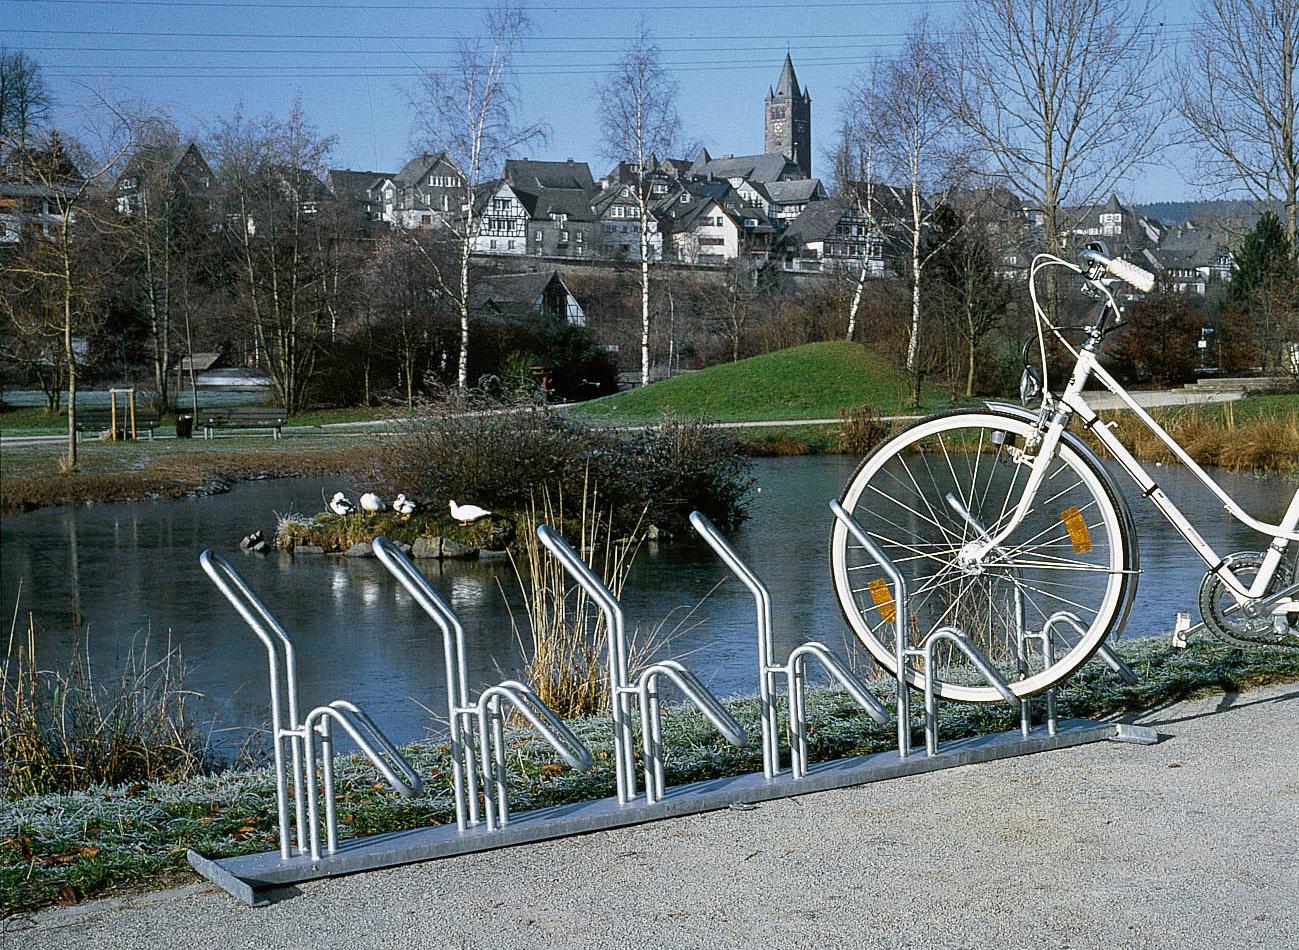 Fahrradständer am See im Stadtpark